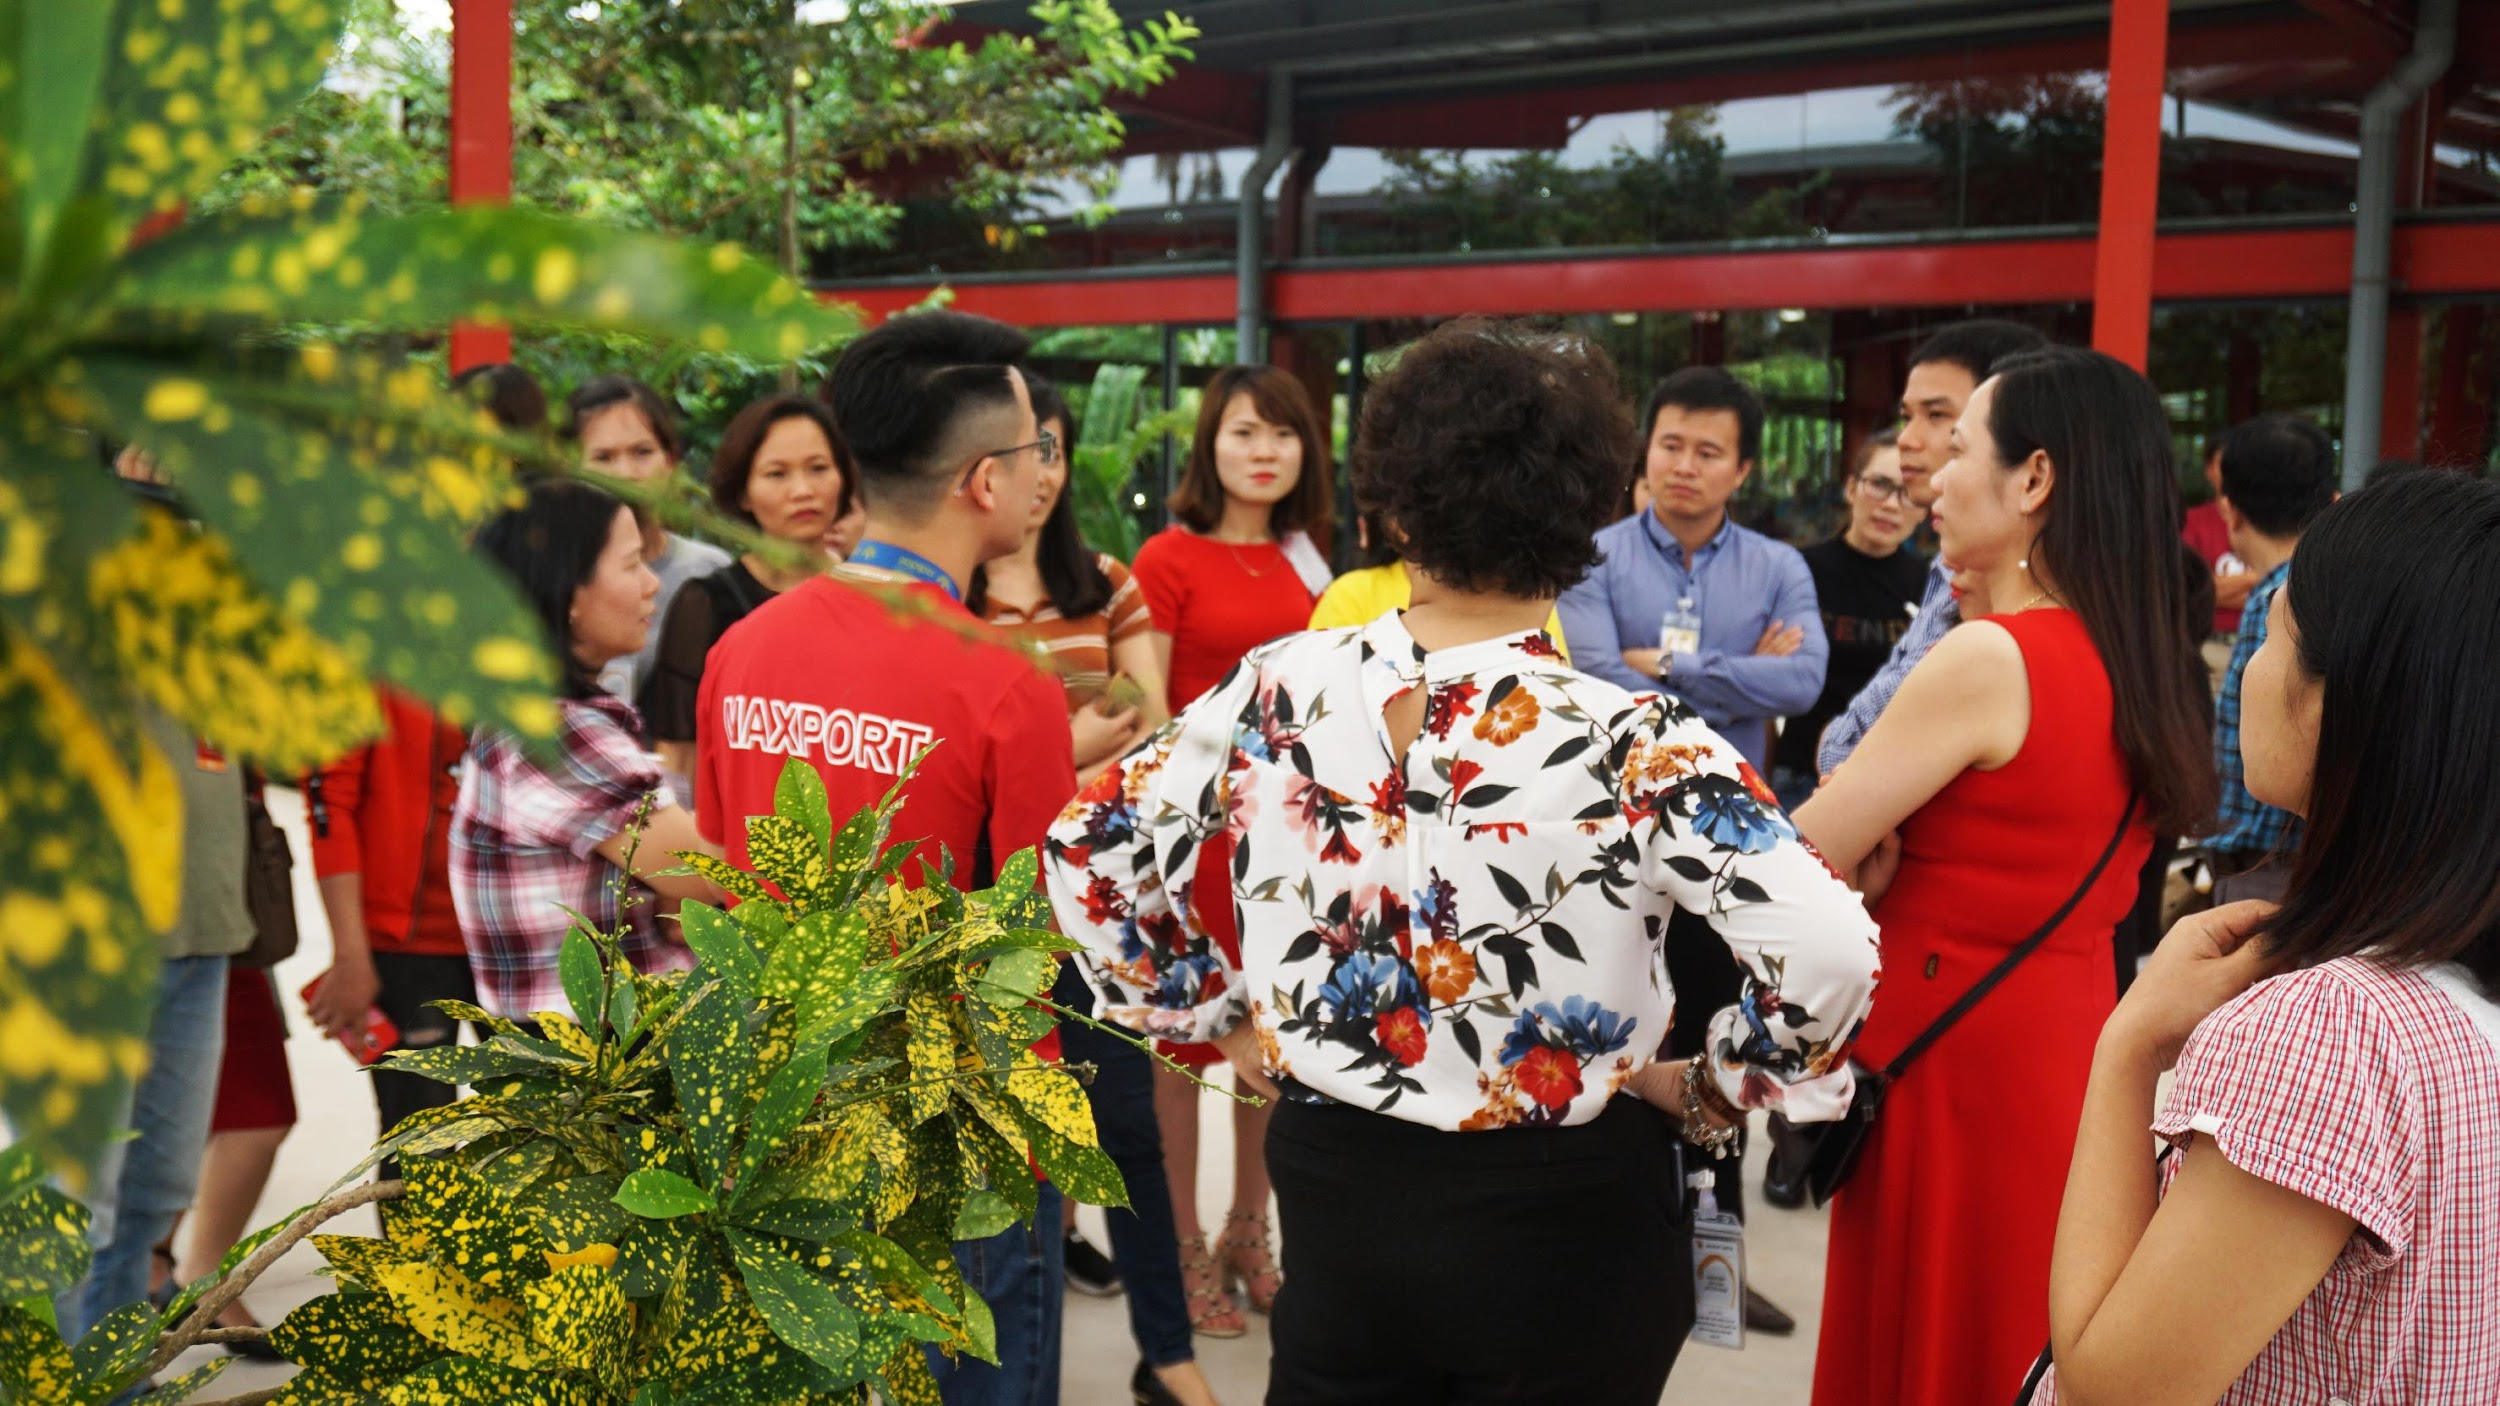 Maxport phối hợp Better Work tổ chức hội thảo về bảo vệ quyền lợi của lao động nữ - Ảnh 3